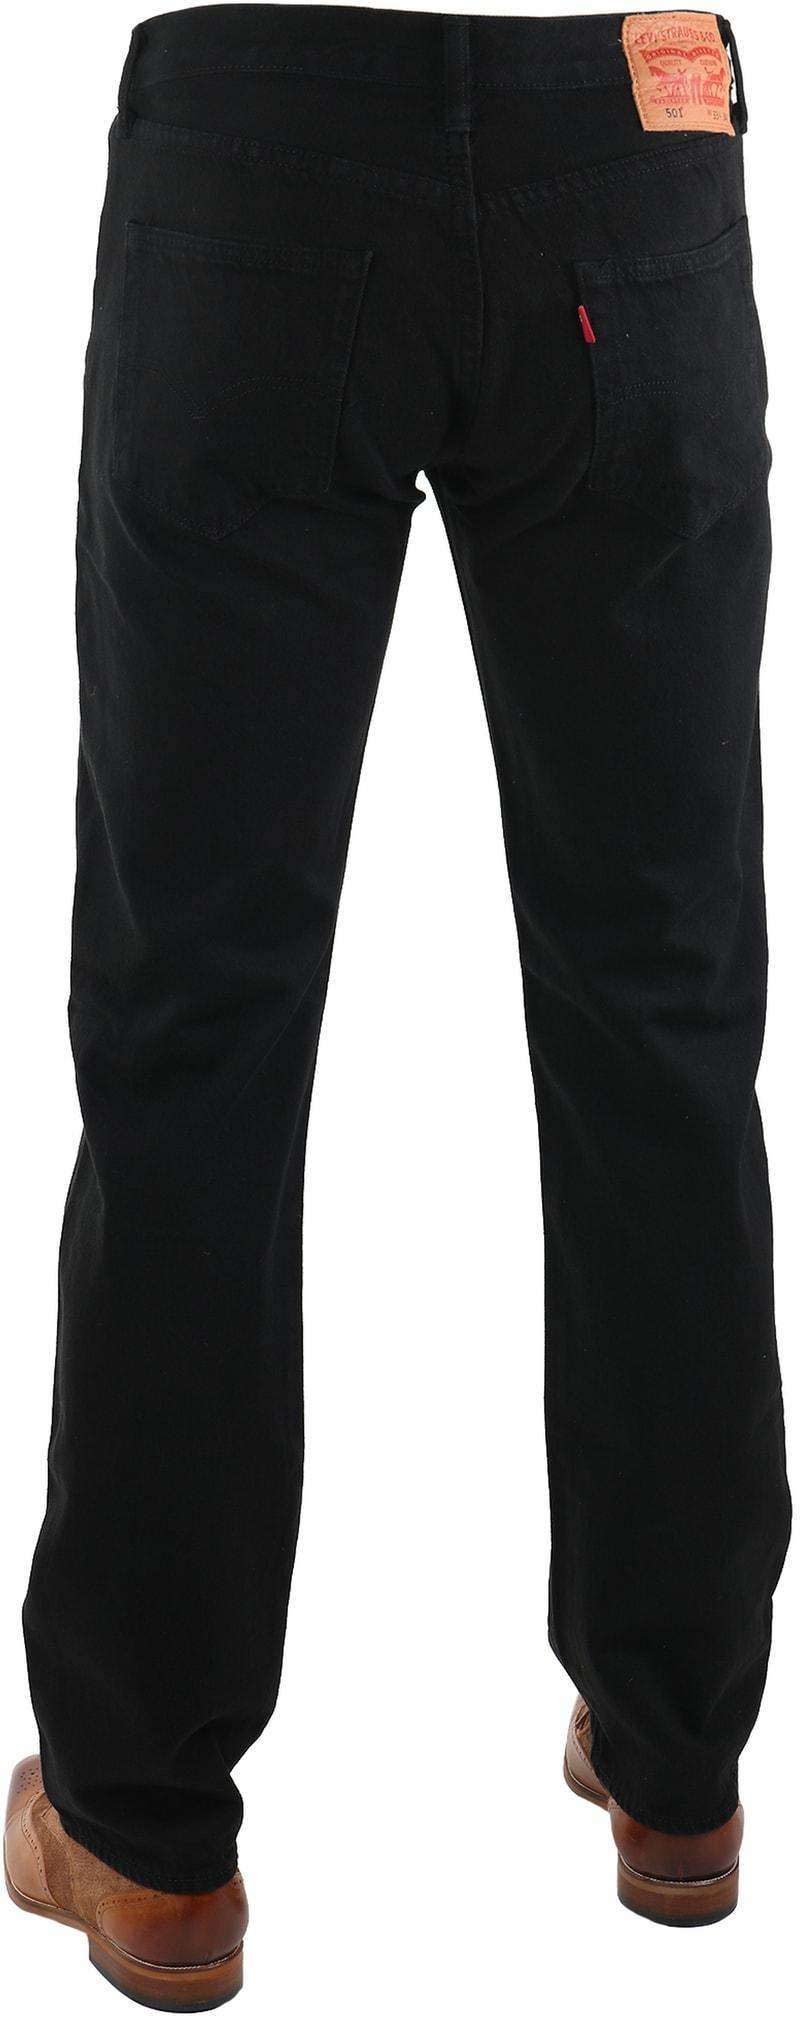 Levi's Jeans 501 Original Fit 0165 Foto 1